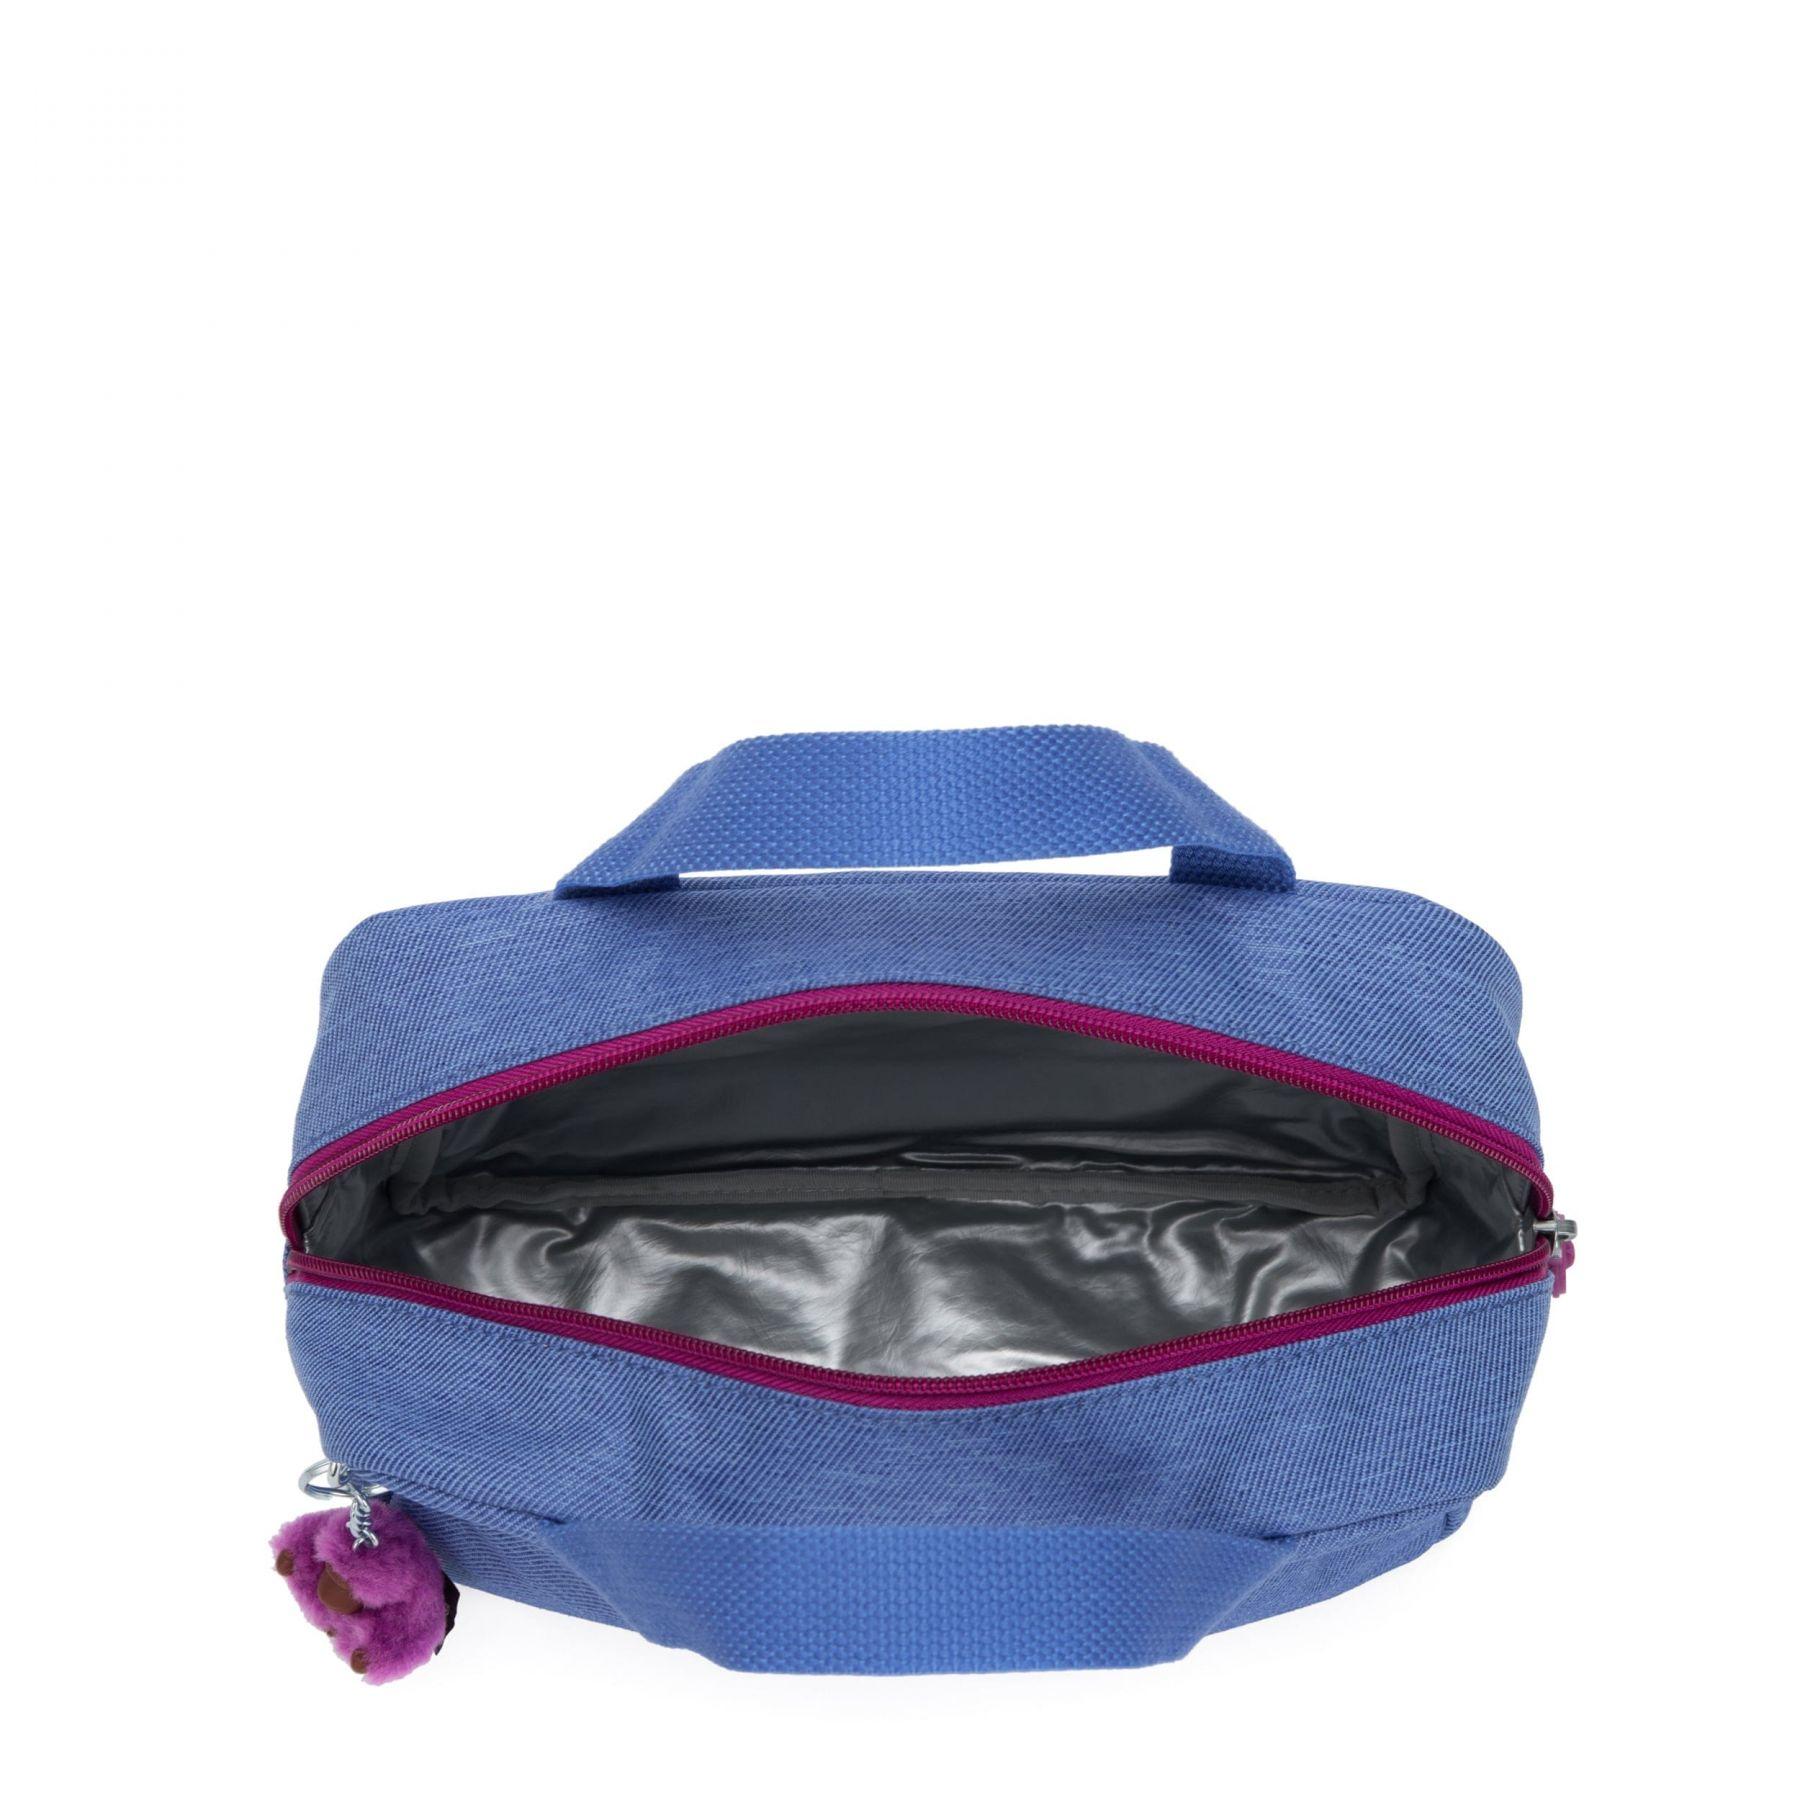 LOUNAS SCHOOL BAGS by Kipling